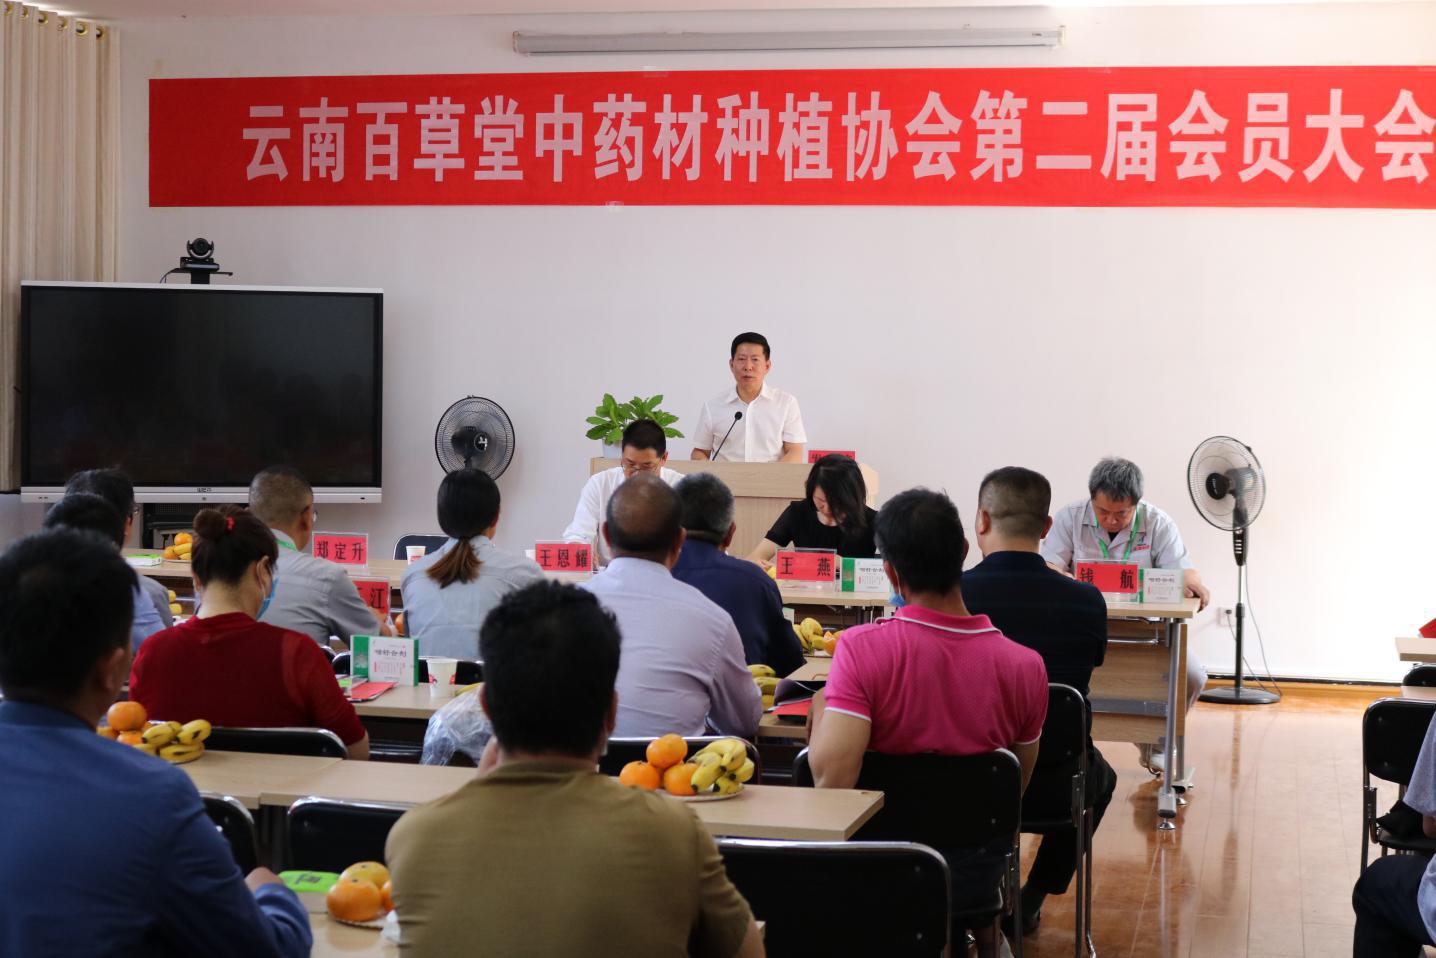 金碧制药承办云南百草堂中药材种植协会第二届会员大会